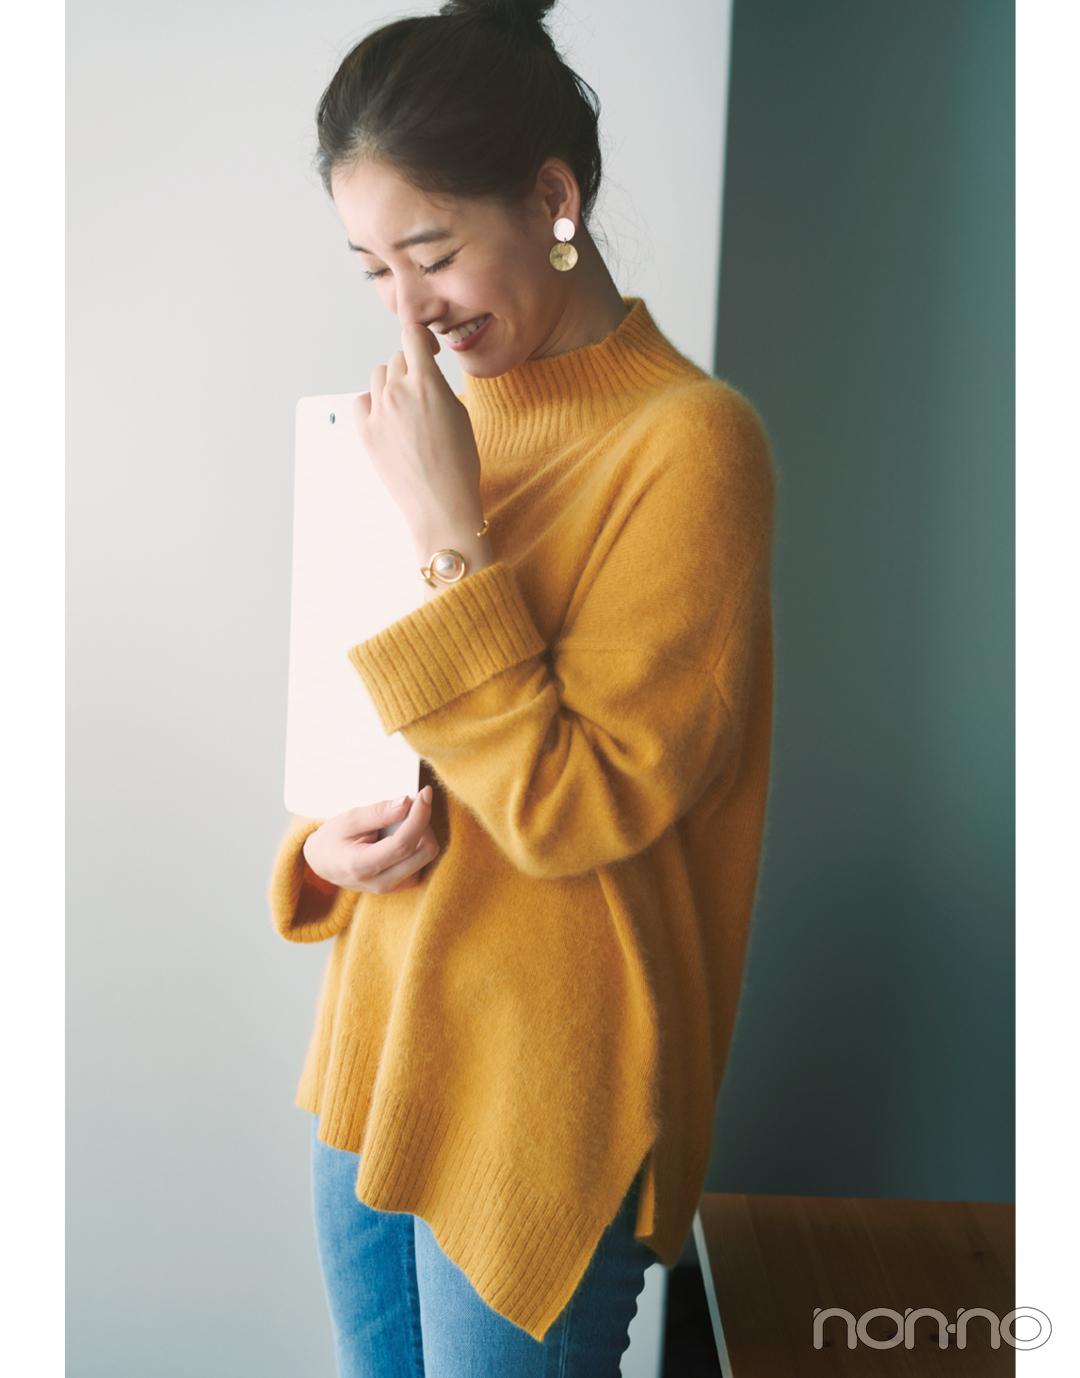 新木優子の恋とニットの物語♡ 「君」は先輩からの告白を受ける?【ニットを着るなら、エモいほう。vol.5】_1_8